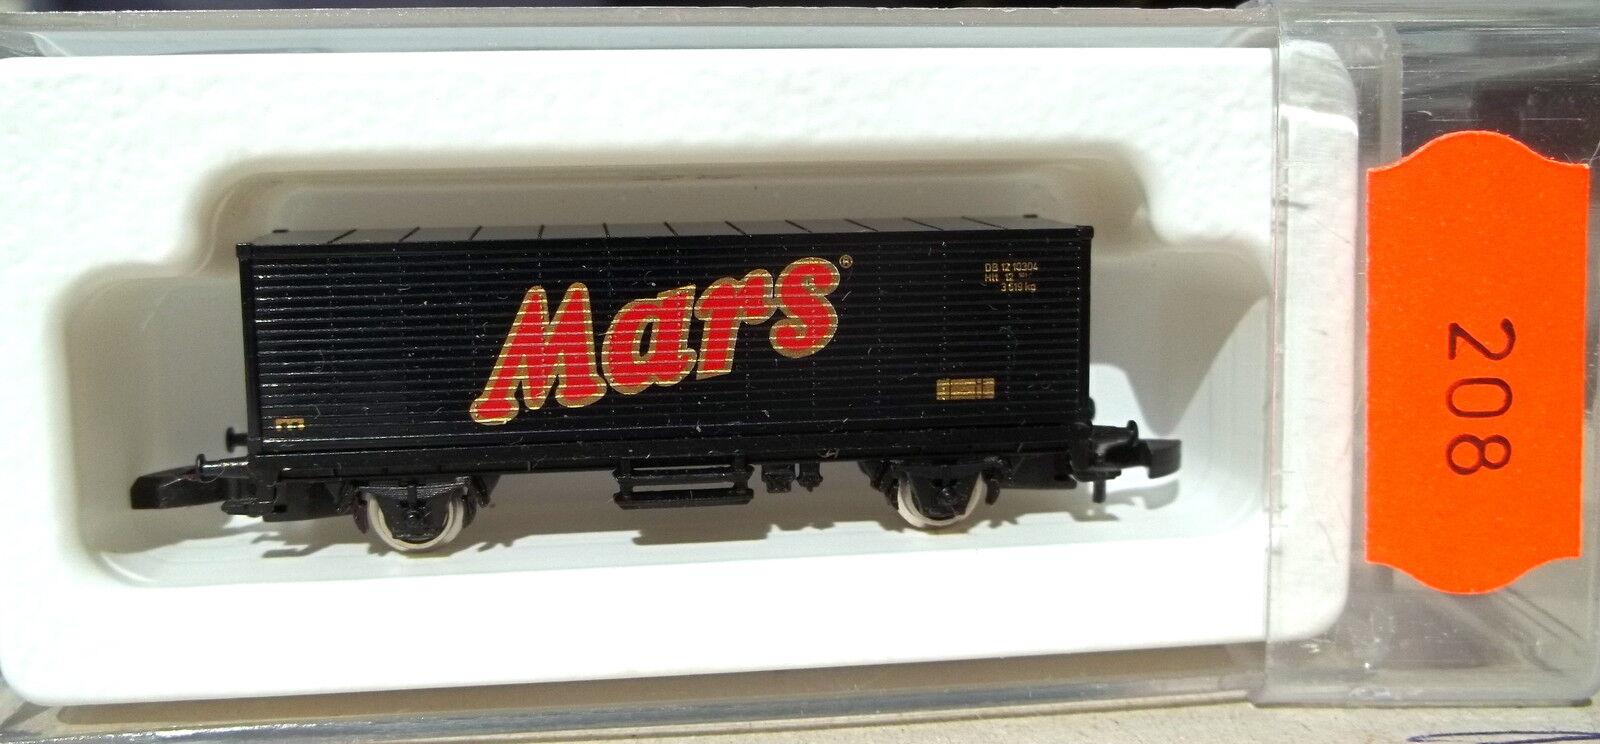 Mars, container Carrello partire 87713   8615 Z 1/220 * 208 *